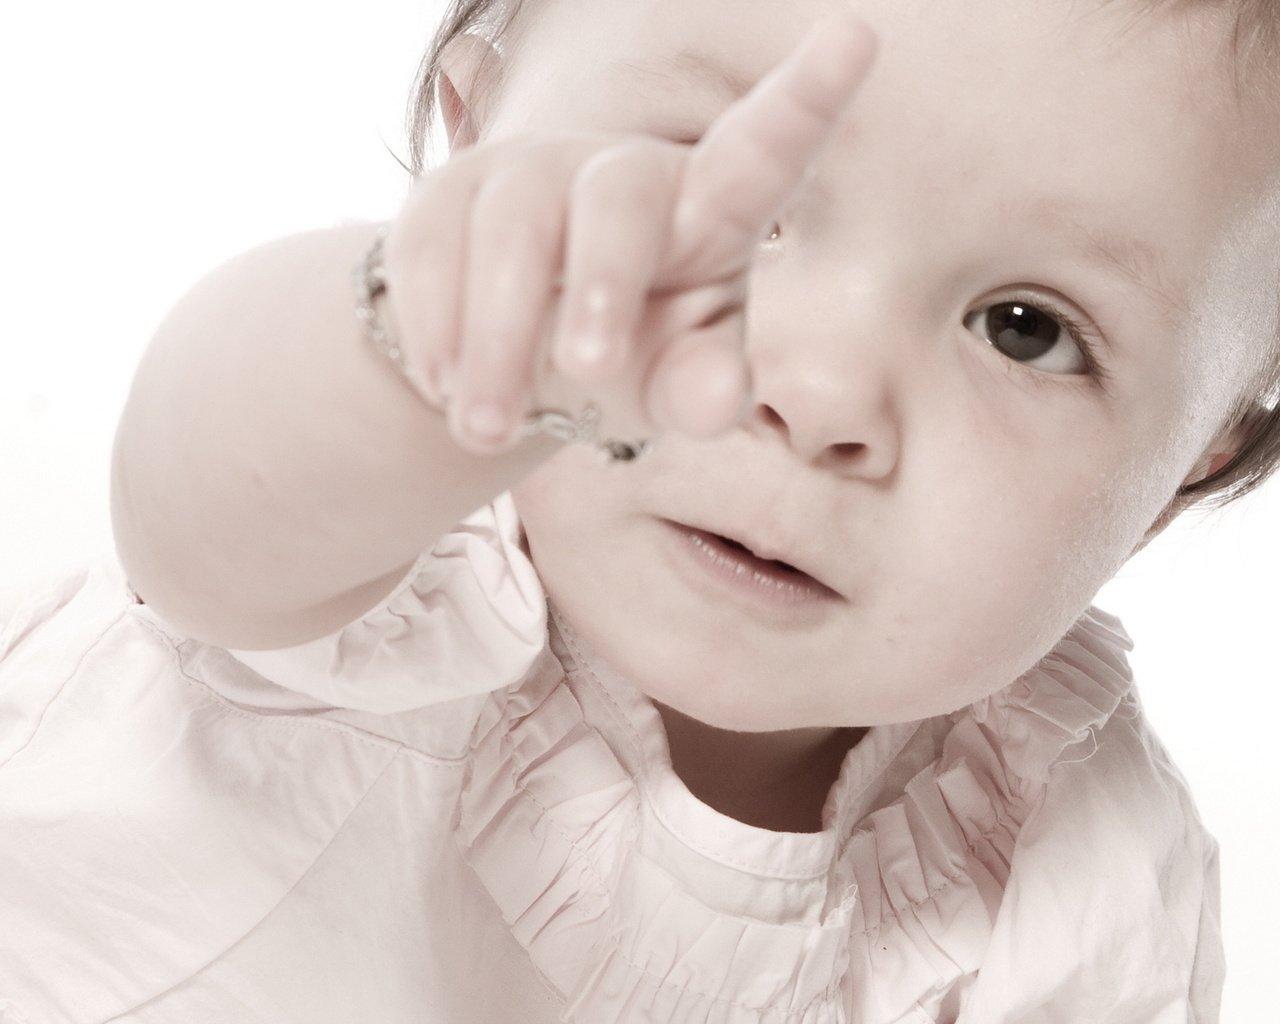 У ребенка заноза? Как ему помочь?